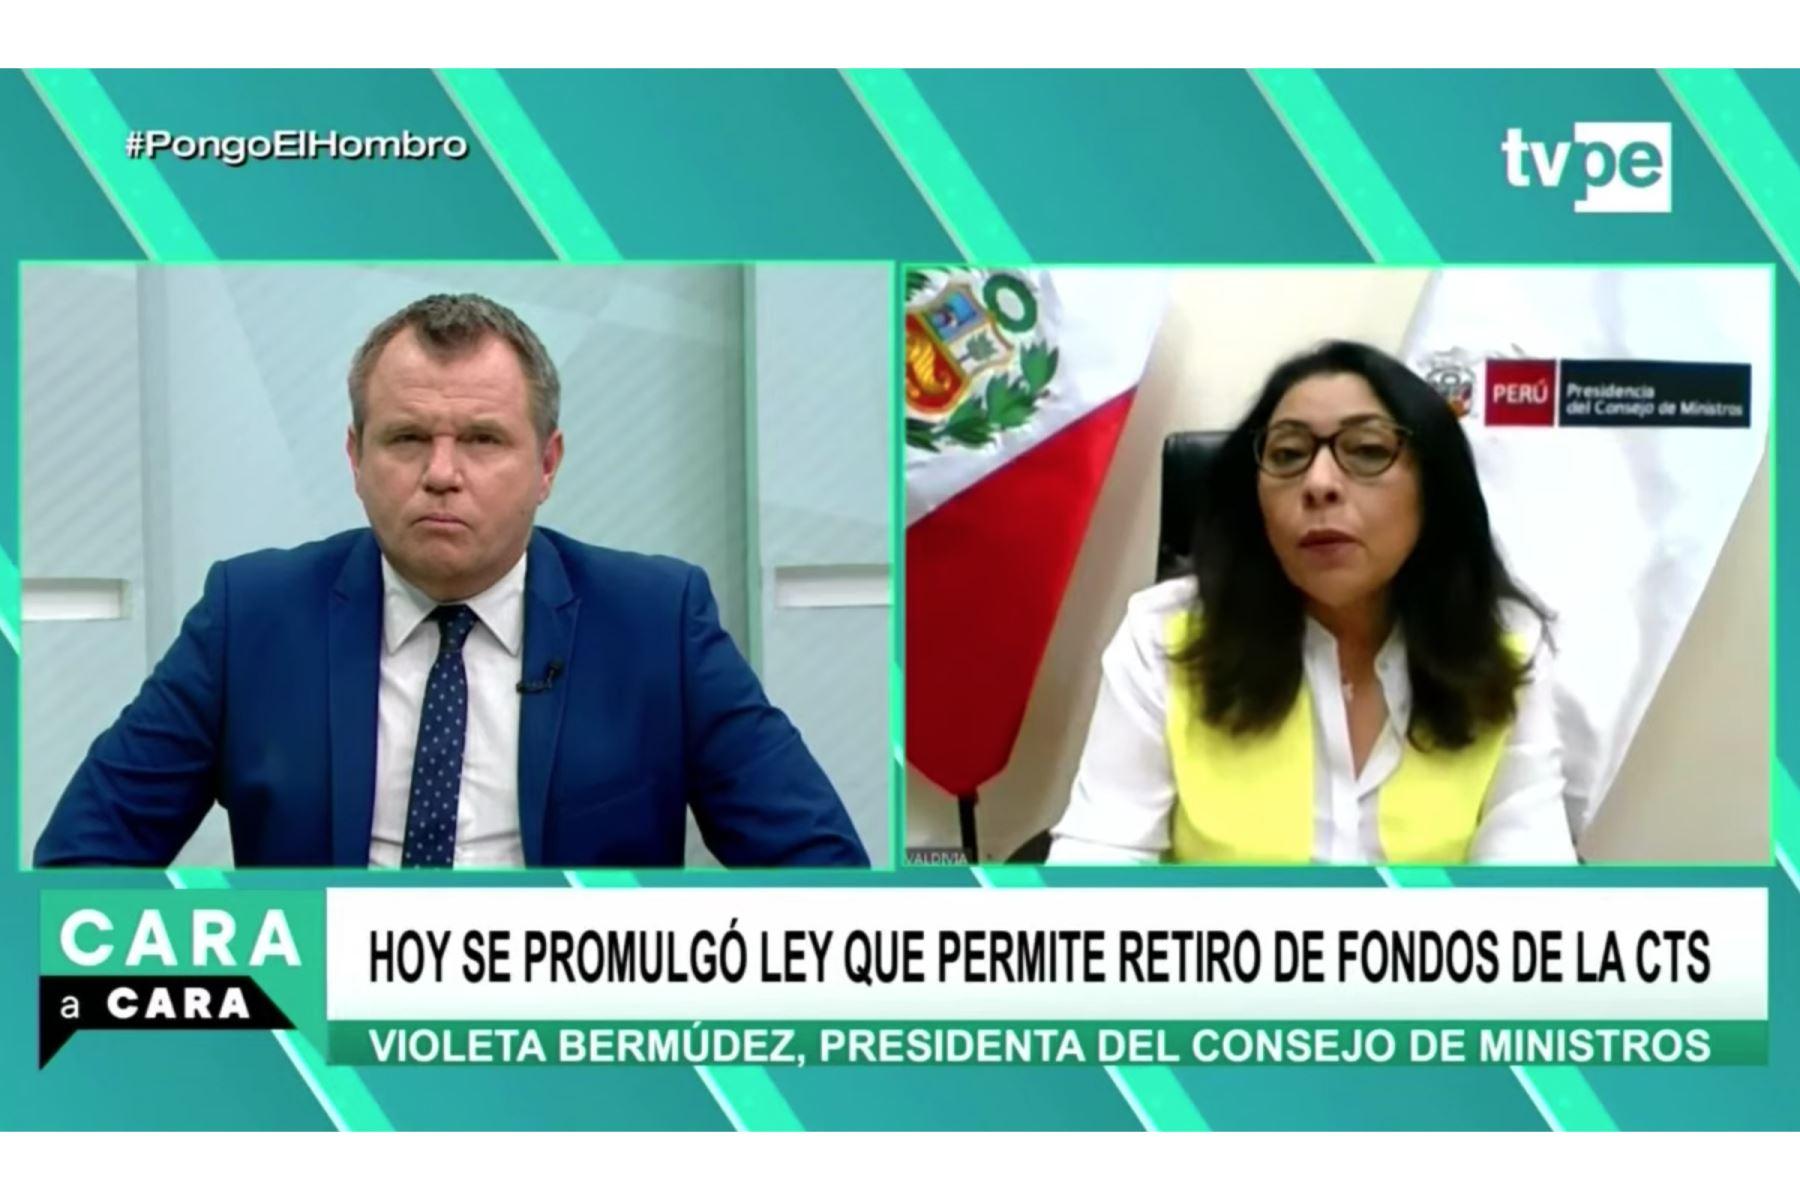 La titular de la PCM, Violeta Bermúdez, dio una entrevista a TV Perú. Foto: ANDINA/difusión.